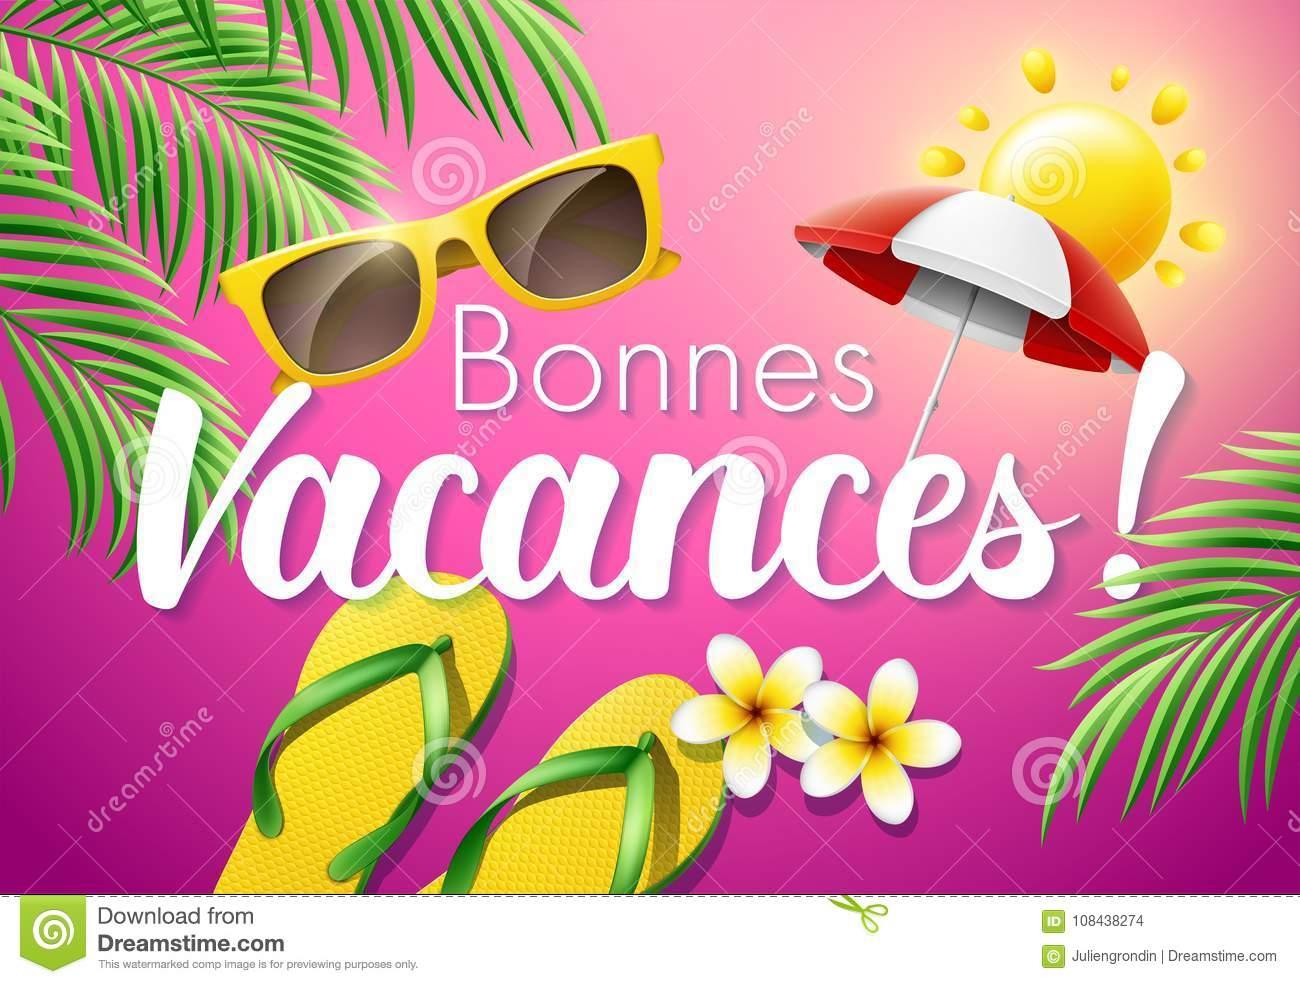 Bonnes Vacances Stock Illustrations – 8 Bonnes Vacances pour Images Bonnes Vacances Gratuites